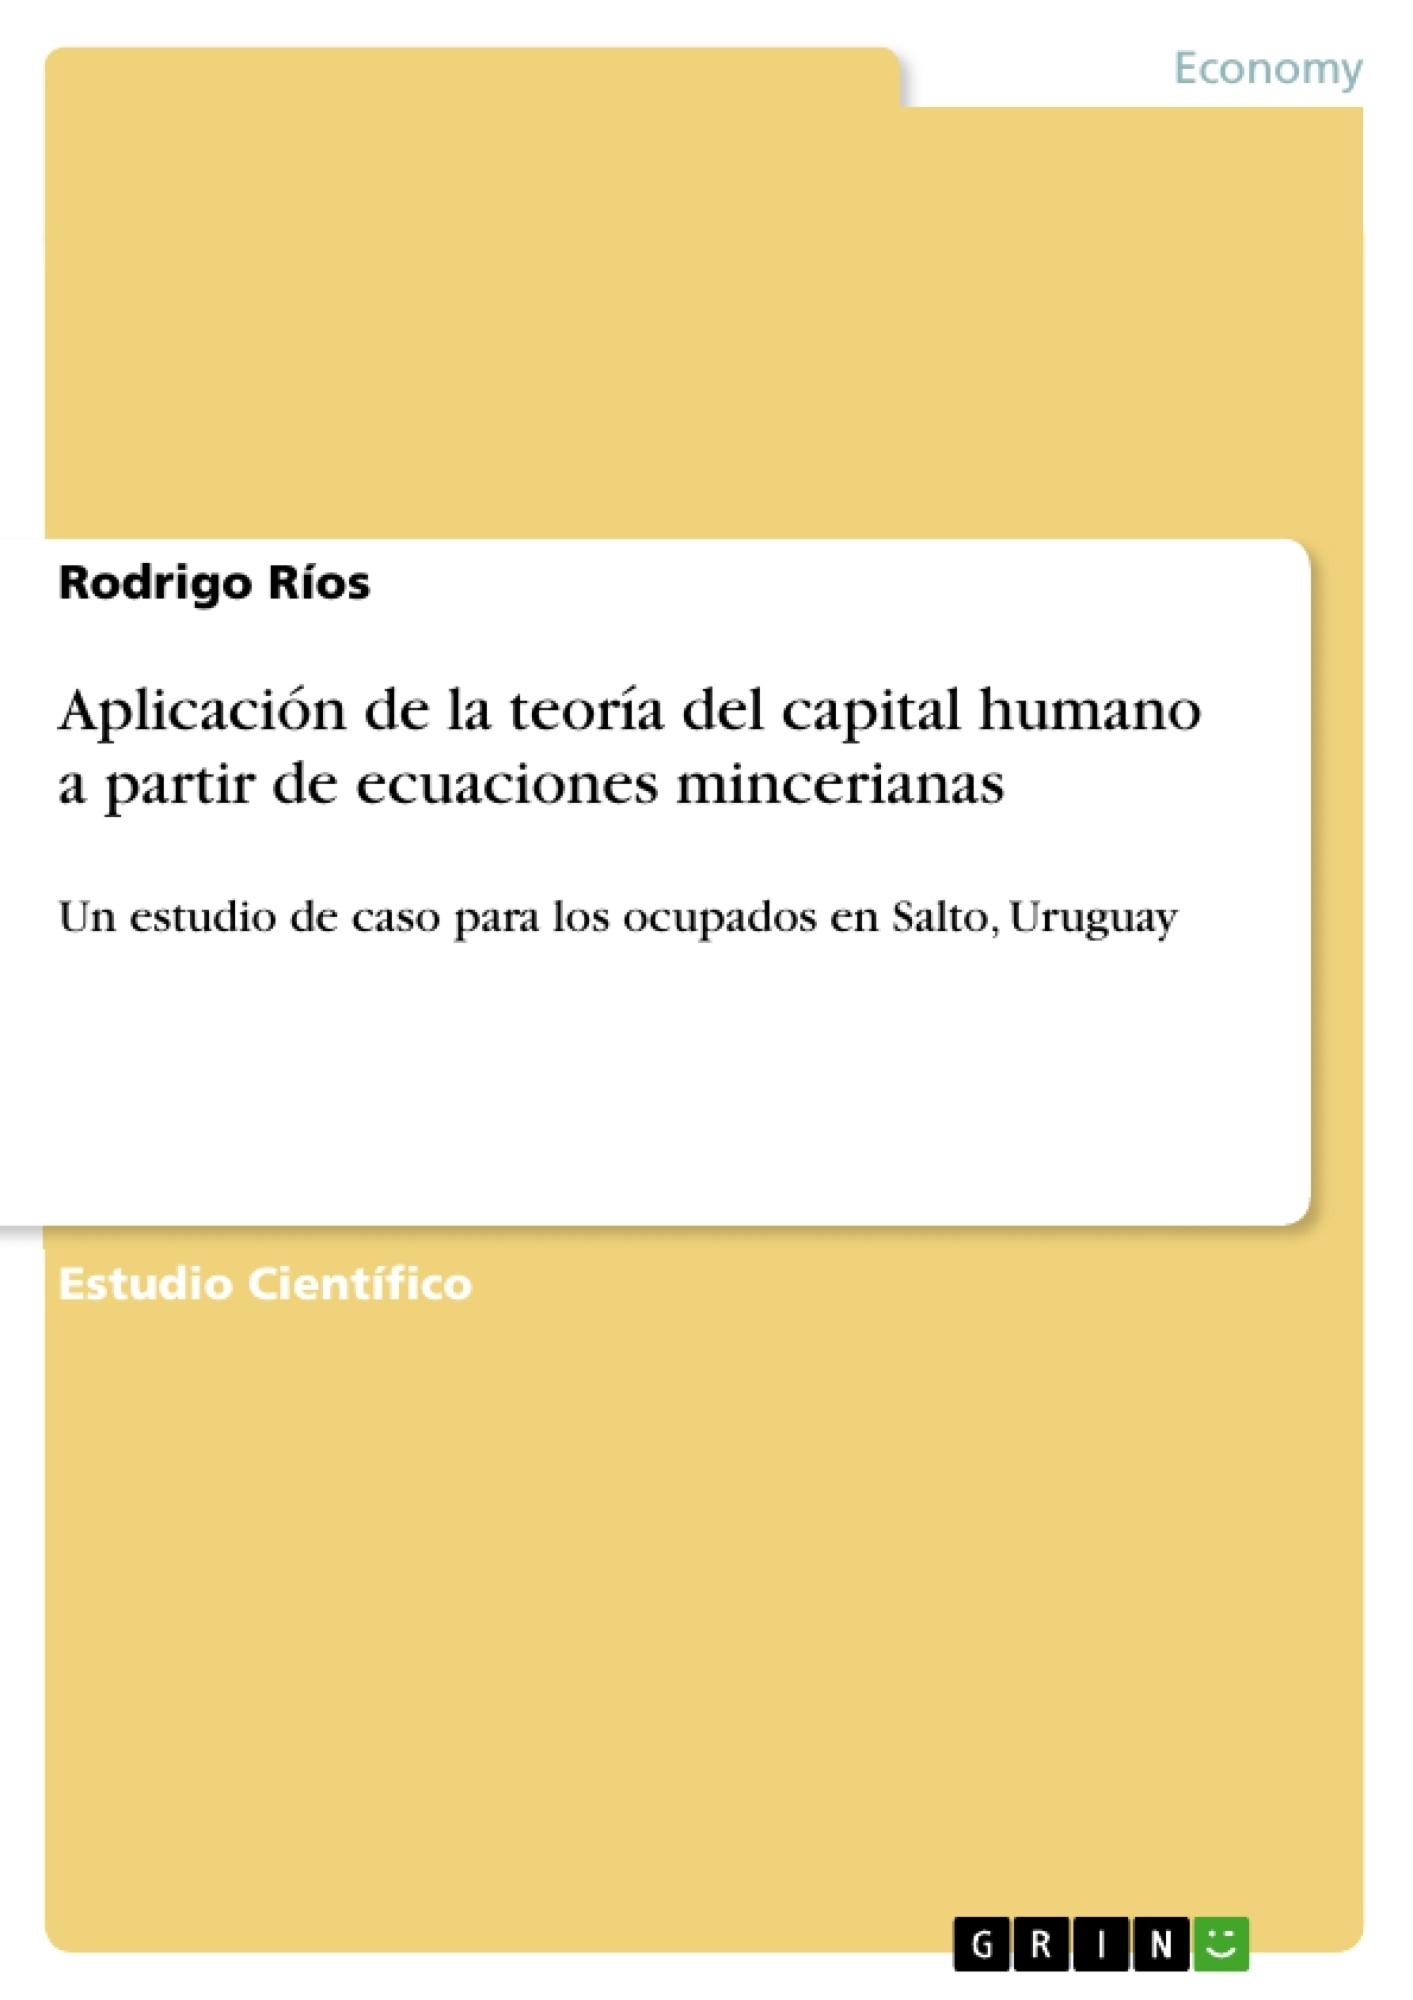 Título: Aplicación de la teoría del capital humano a partir de ecuaciones mincerianas